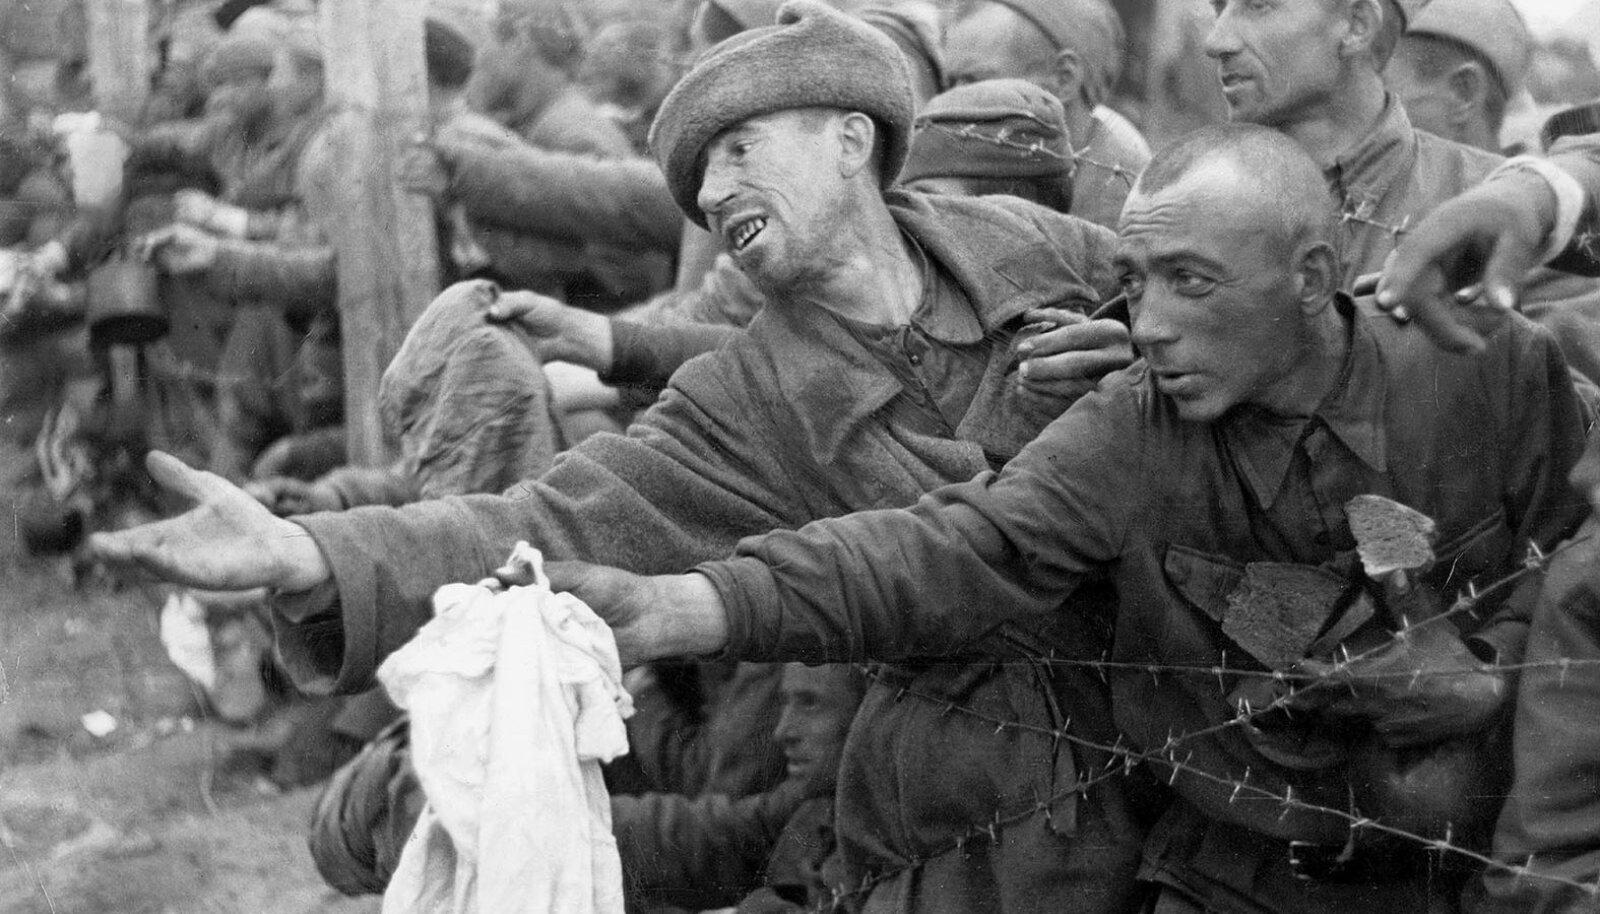 Sõja algul oli Punaarmee kehvemini varustatud, nigelama väljaõppega ning vähesemate sõjakogemustega kui sakslased.